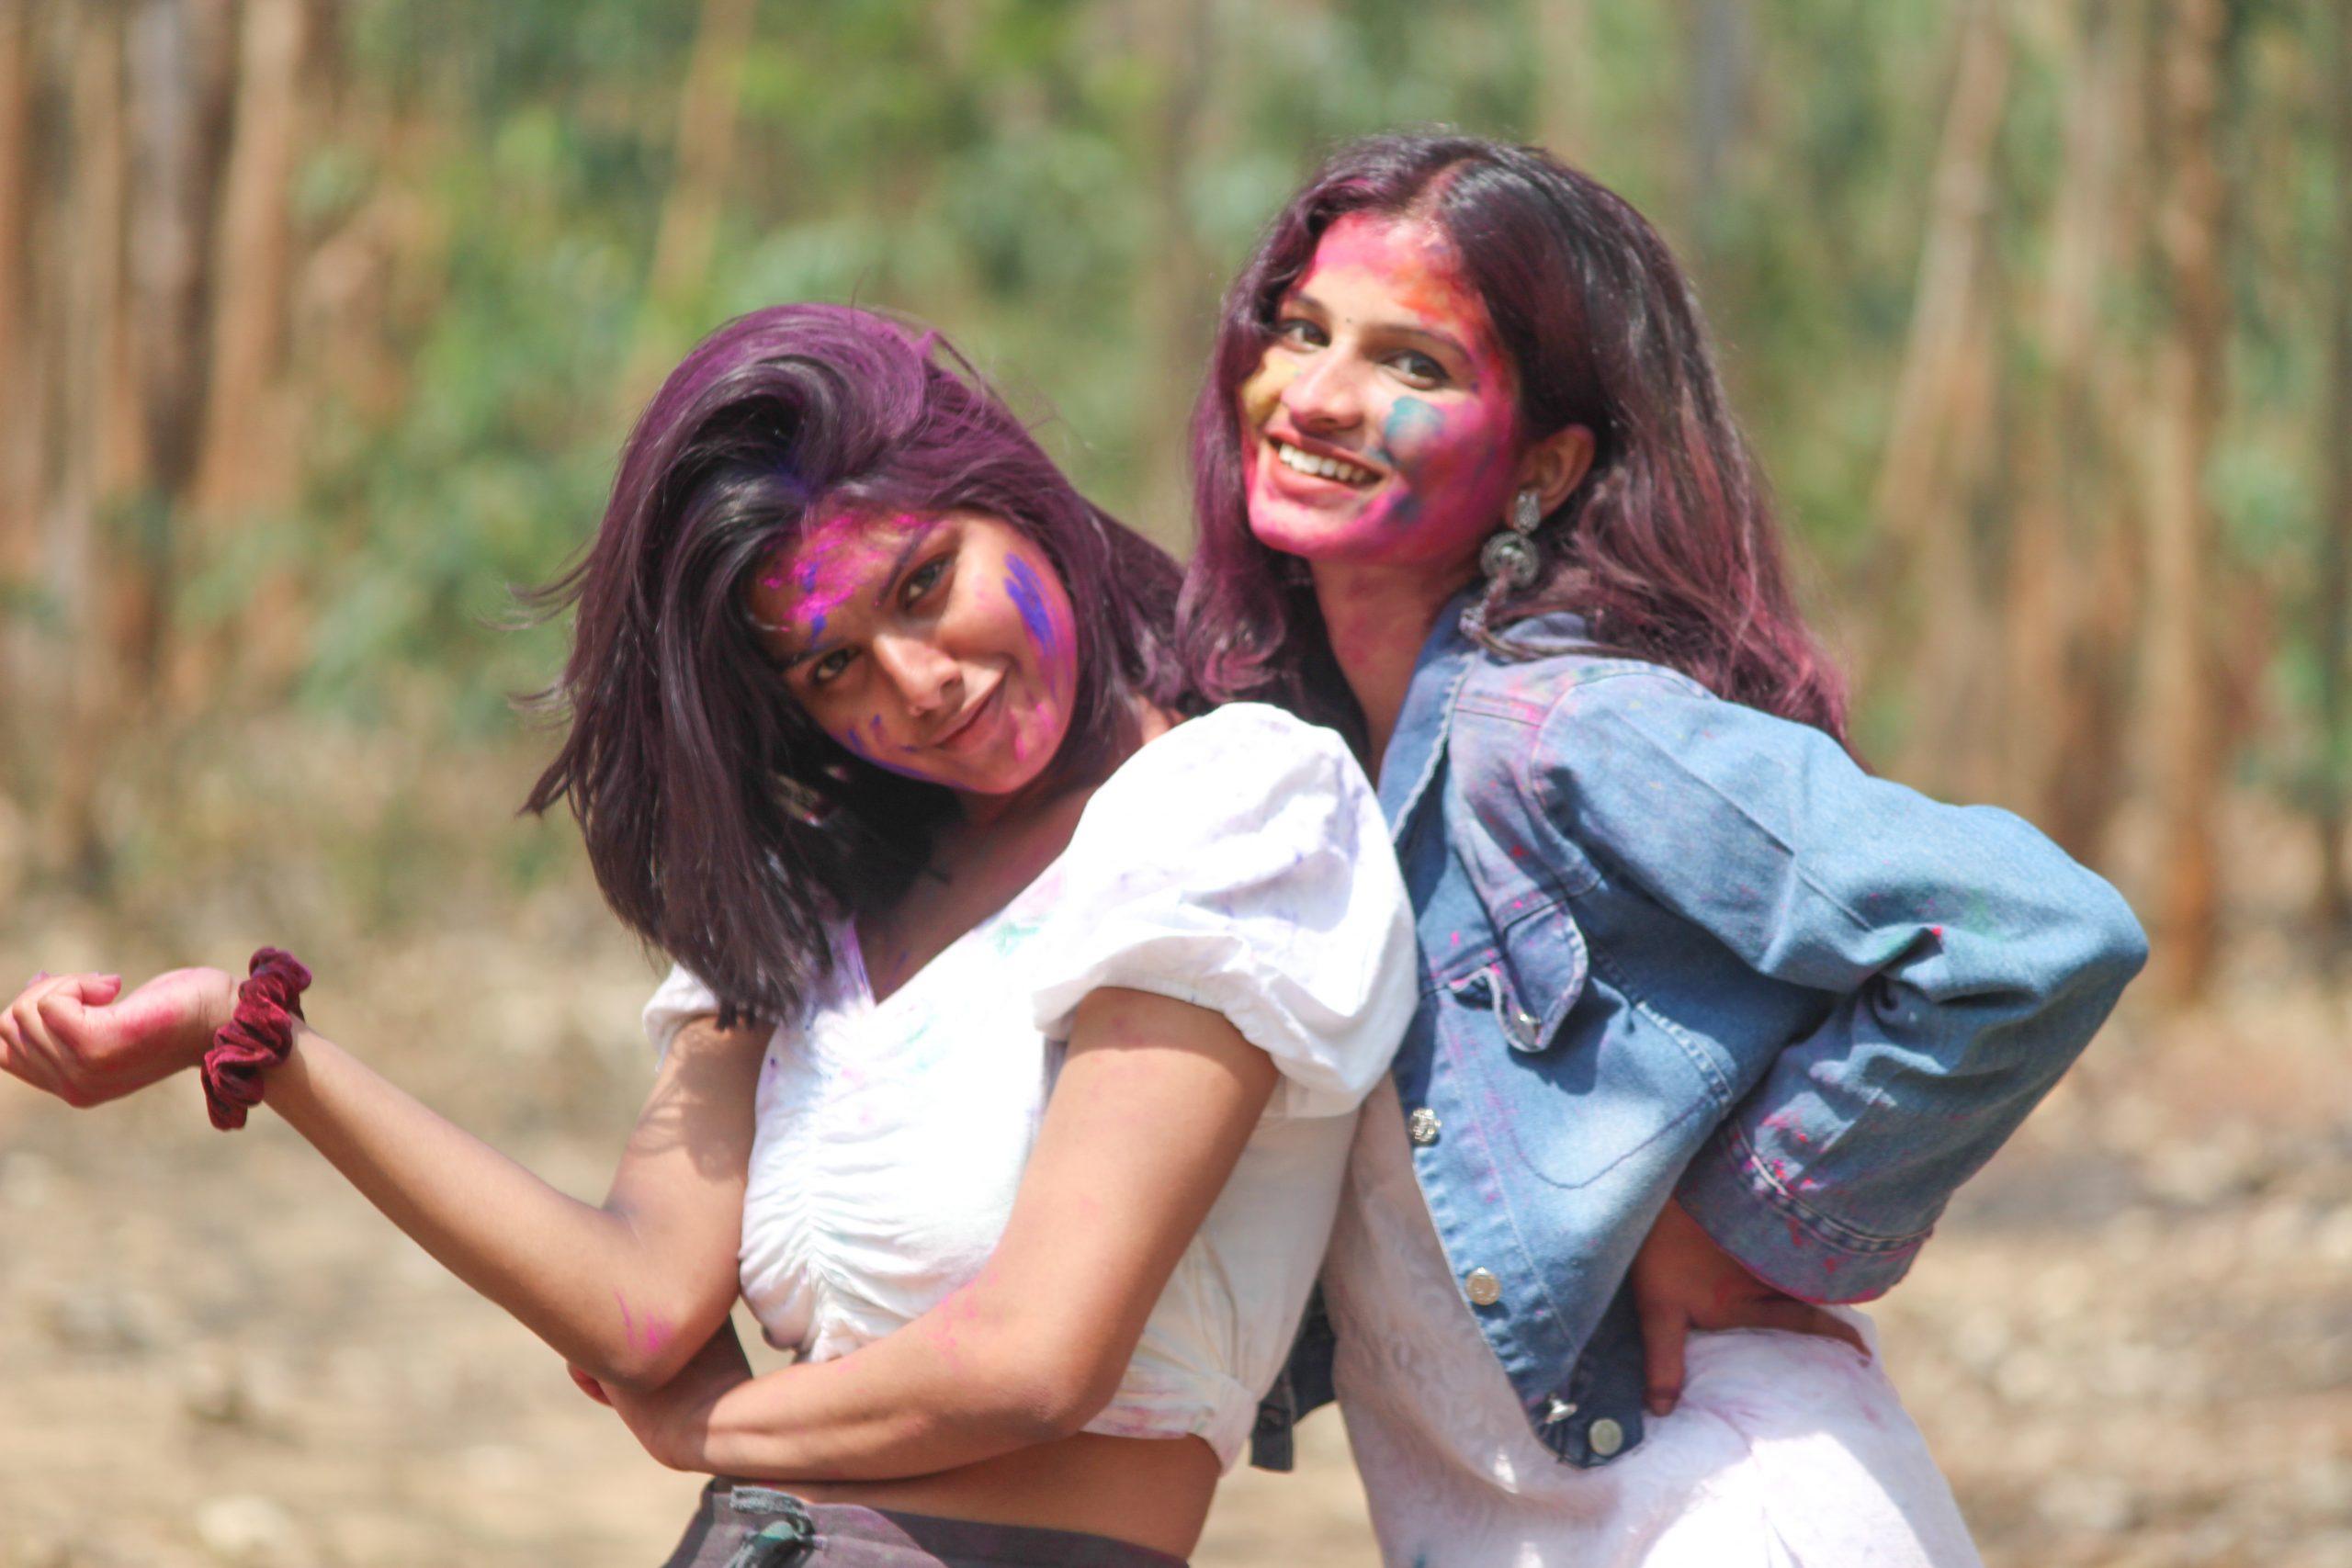 Stylish girls posing with Holi colors